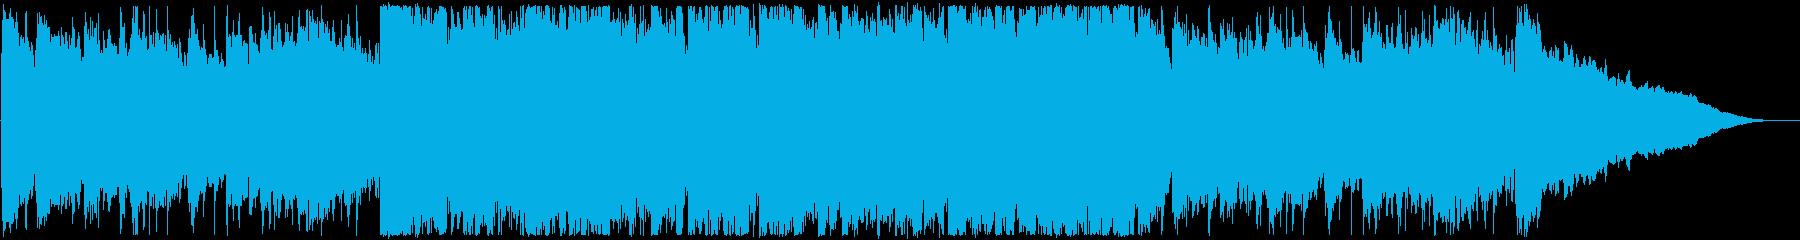 CM・優しいポップスの再生済みの波形